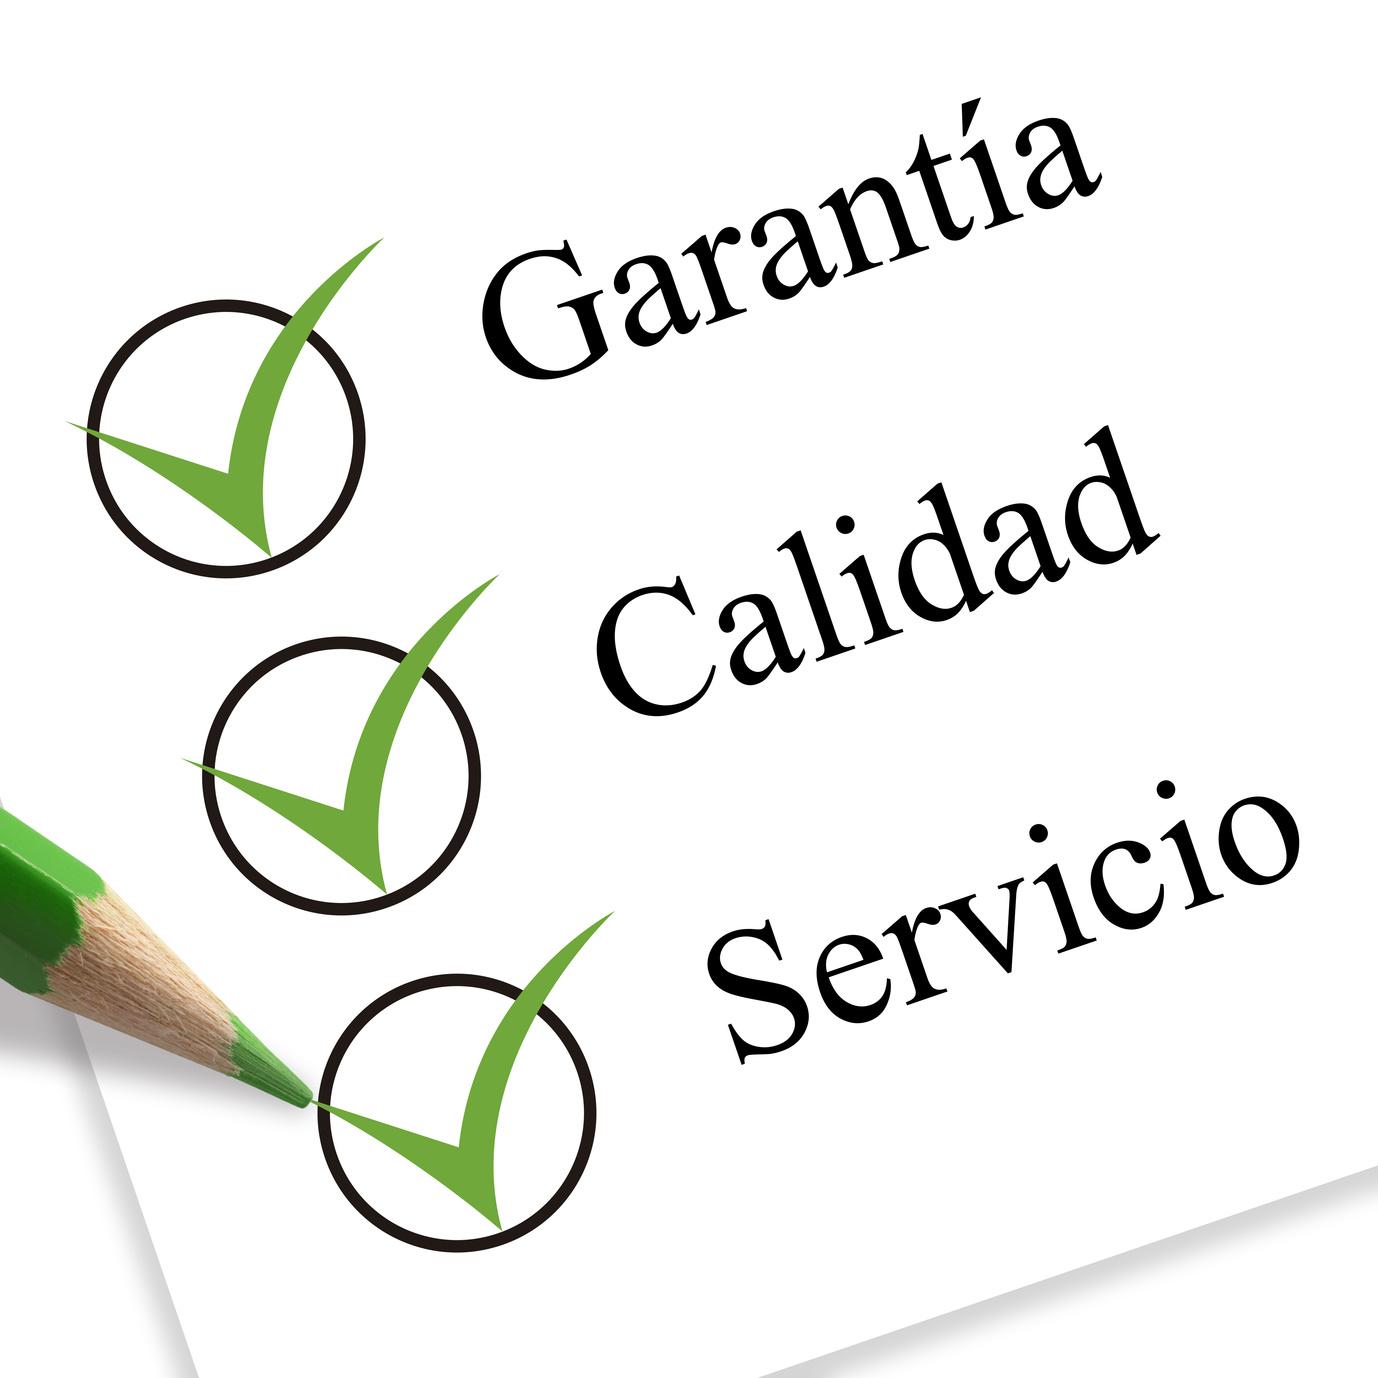 garanta, calidad y servicio